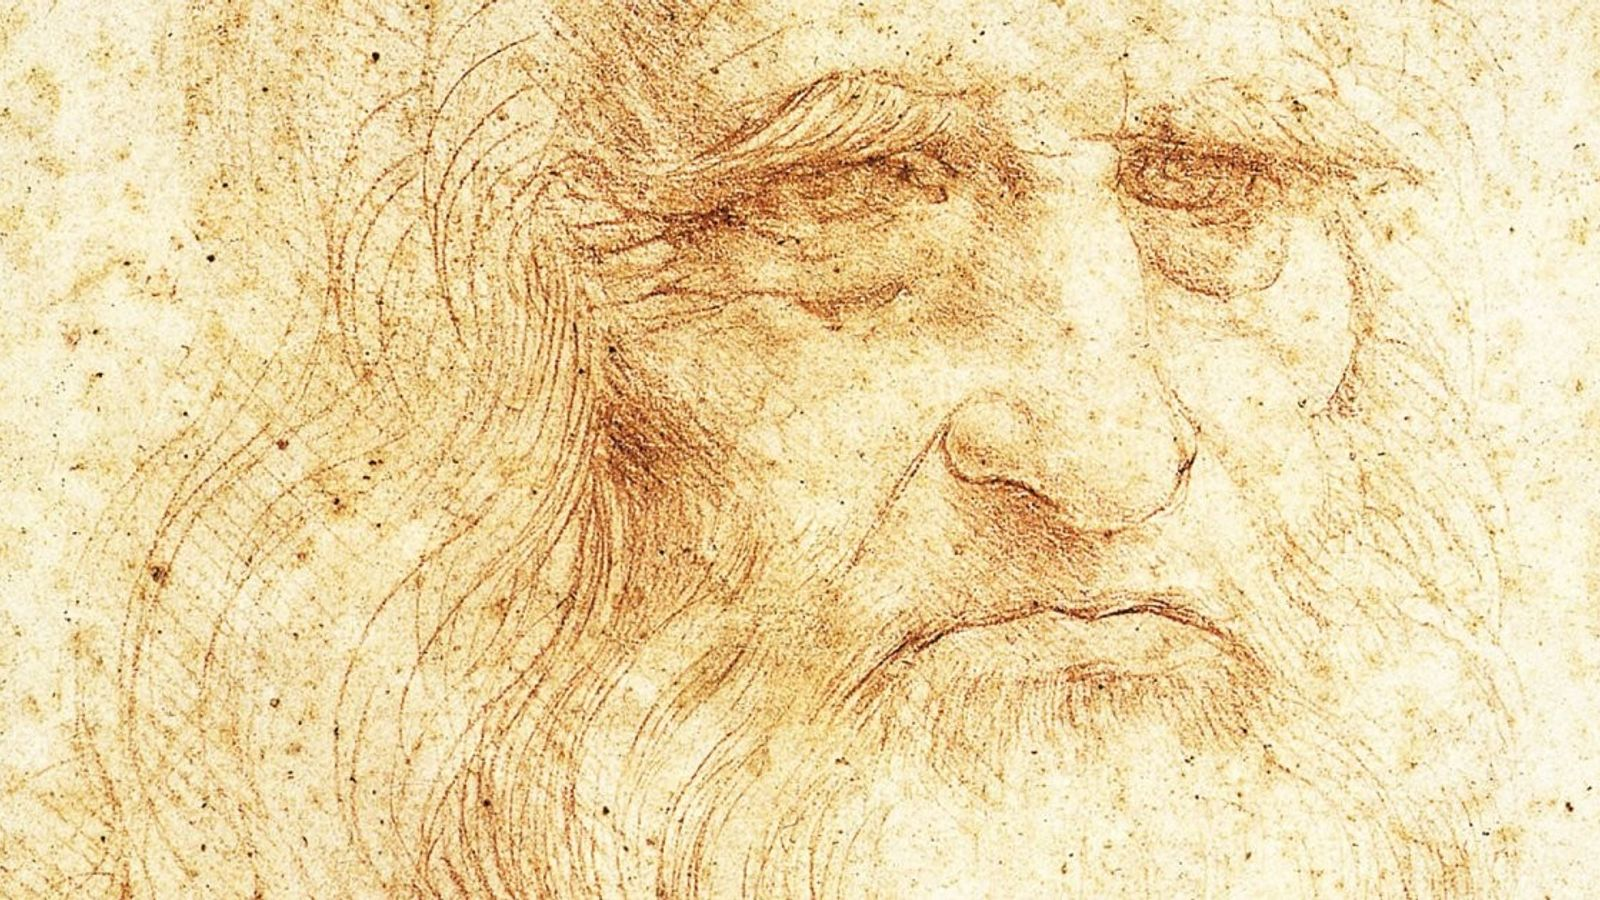 Autoportrait supposé de Léonard de Vinci probablement réalisé en 1510-1515. Ce dessin à la sanguine est ...